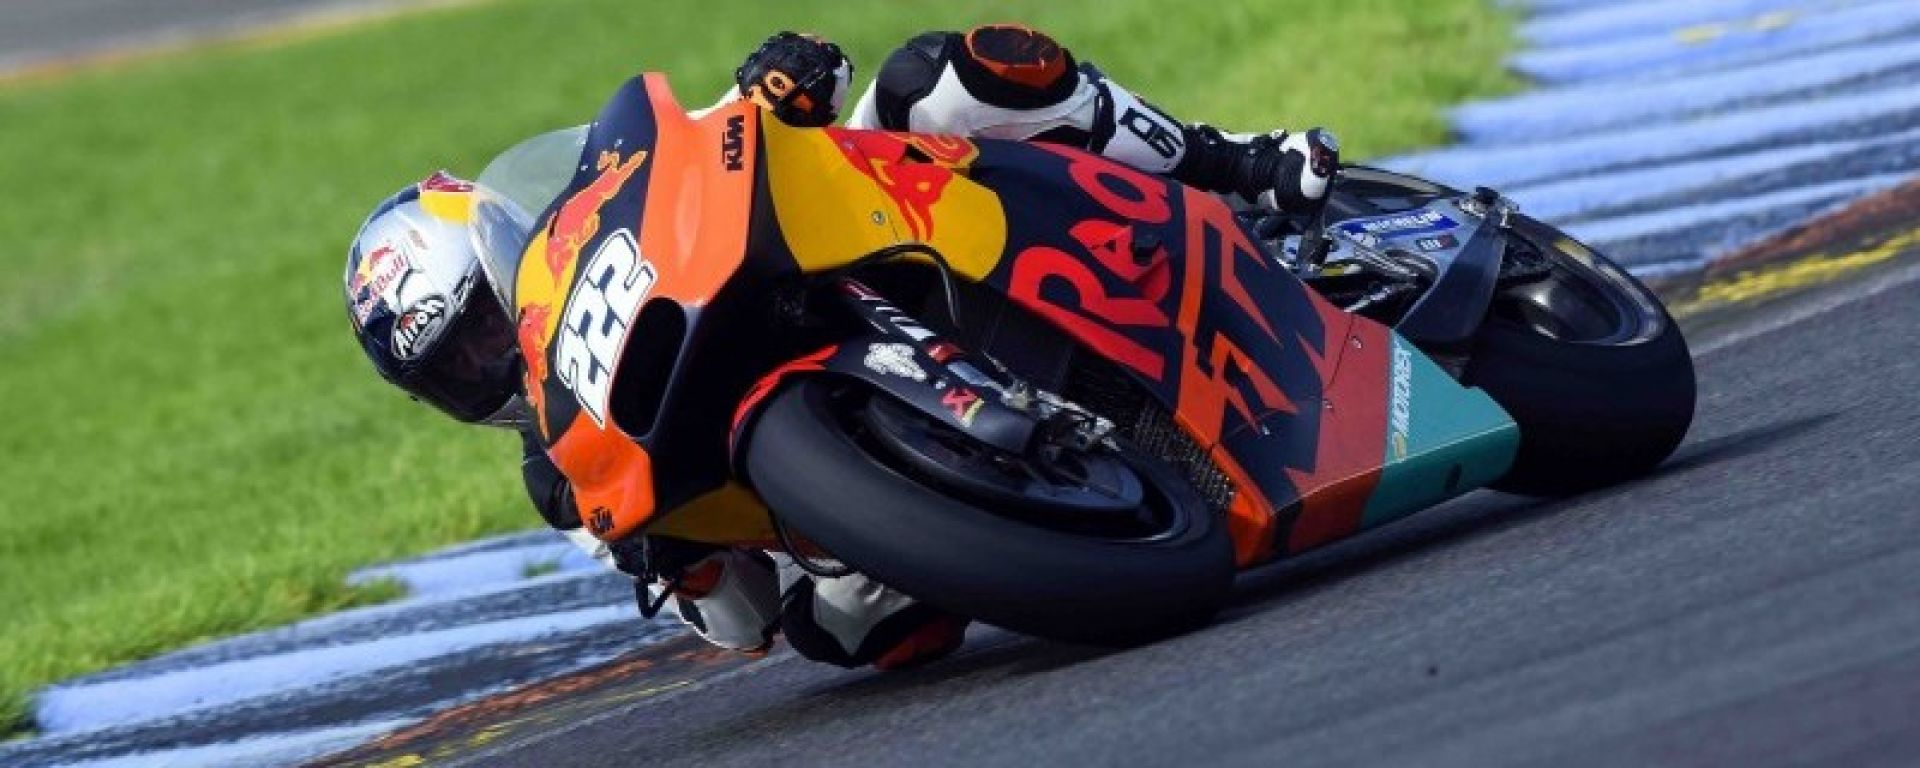 Antonio Cairoli: il regalo di nozze della KTM, a Valencia con la RC16 - MotorBox